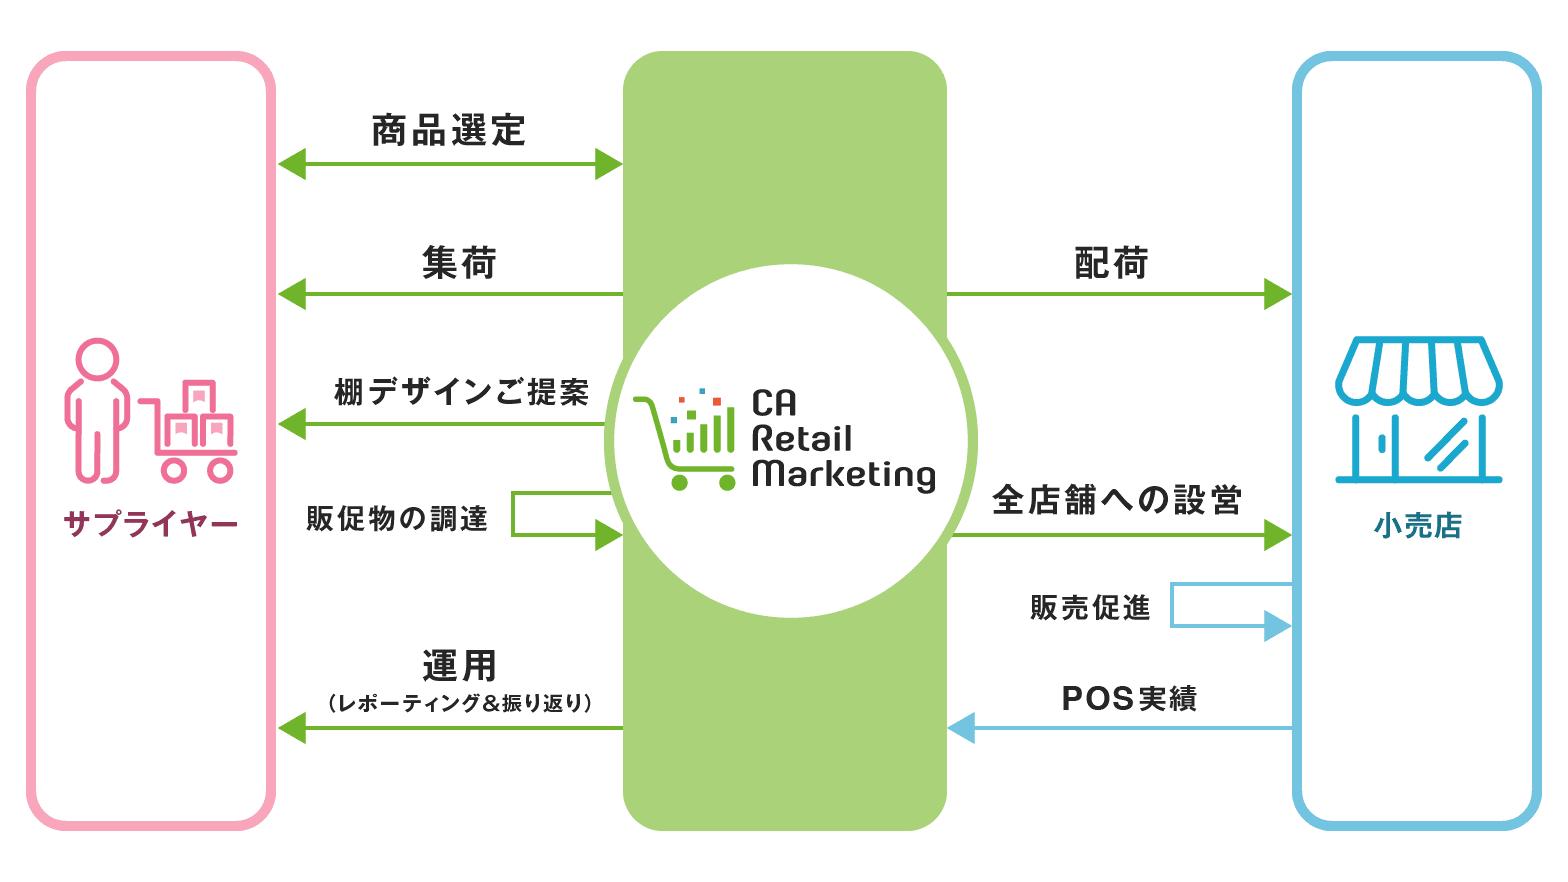 ferret_caretailmarketing.png